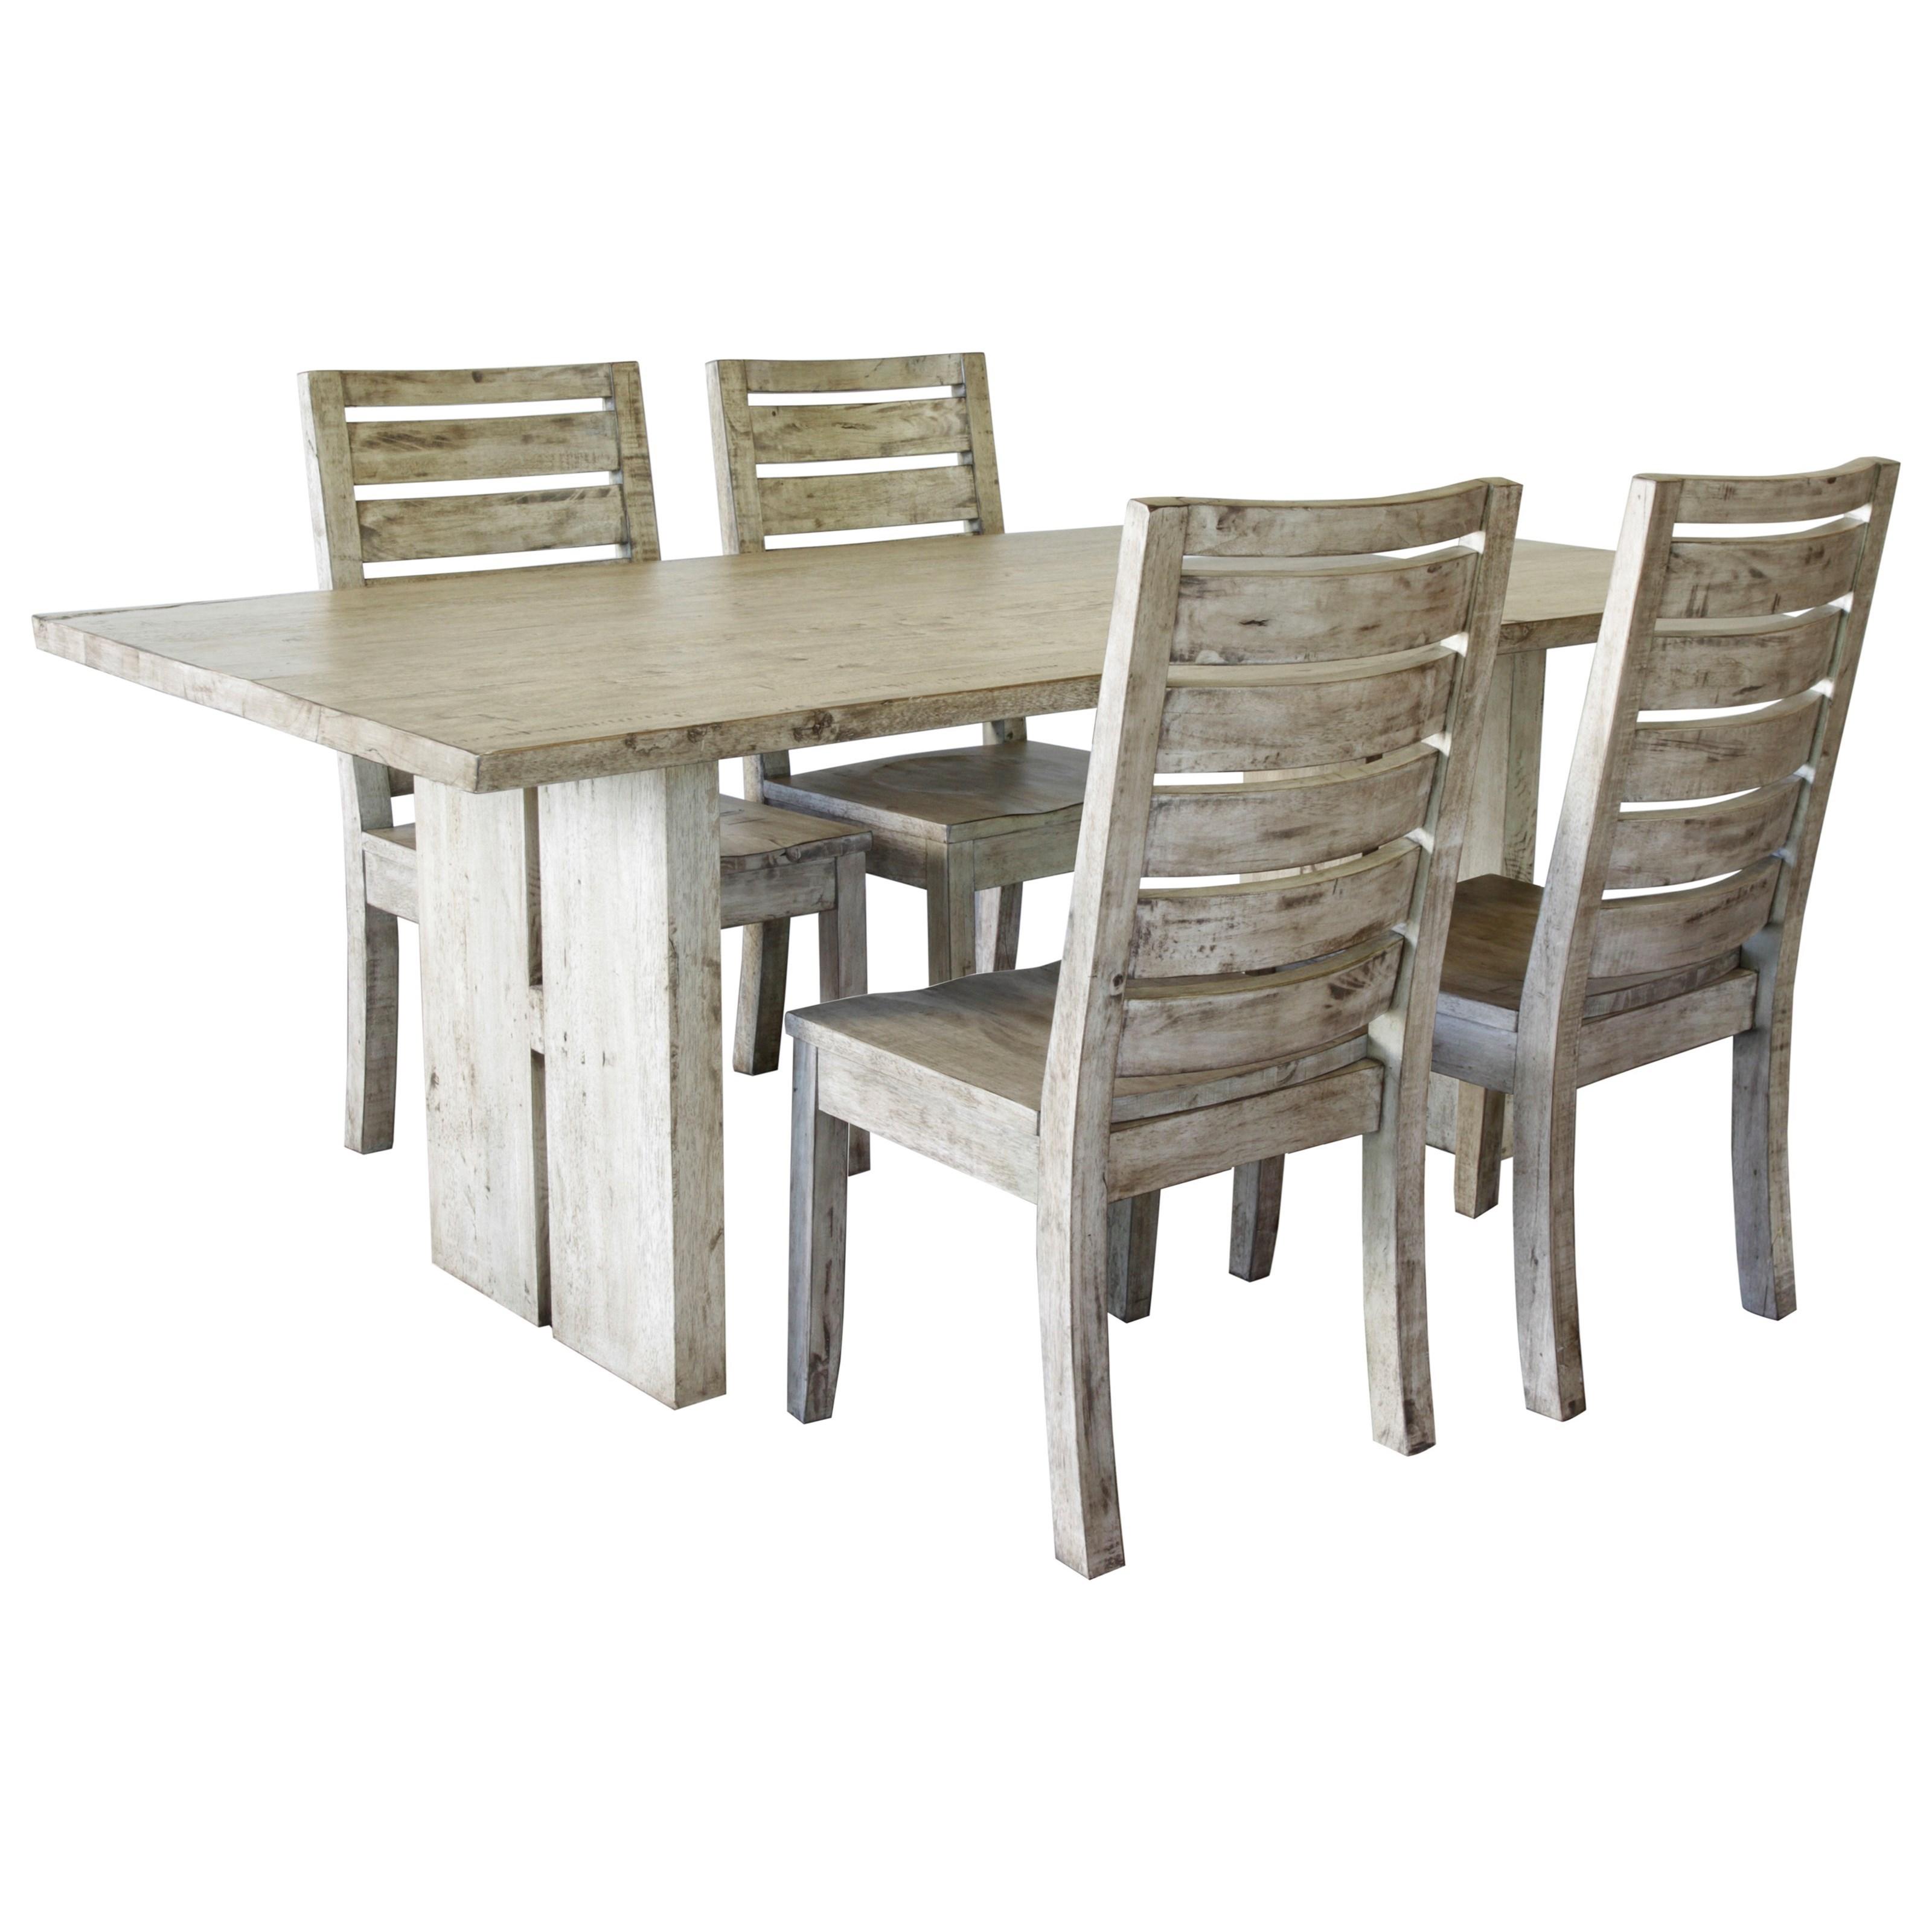 Renewal 5 Piece Dining Set by Napa Furniture Designs at HomeWorld Furniture